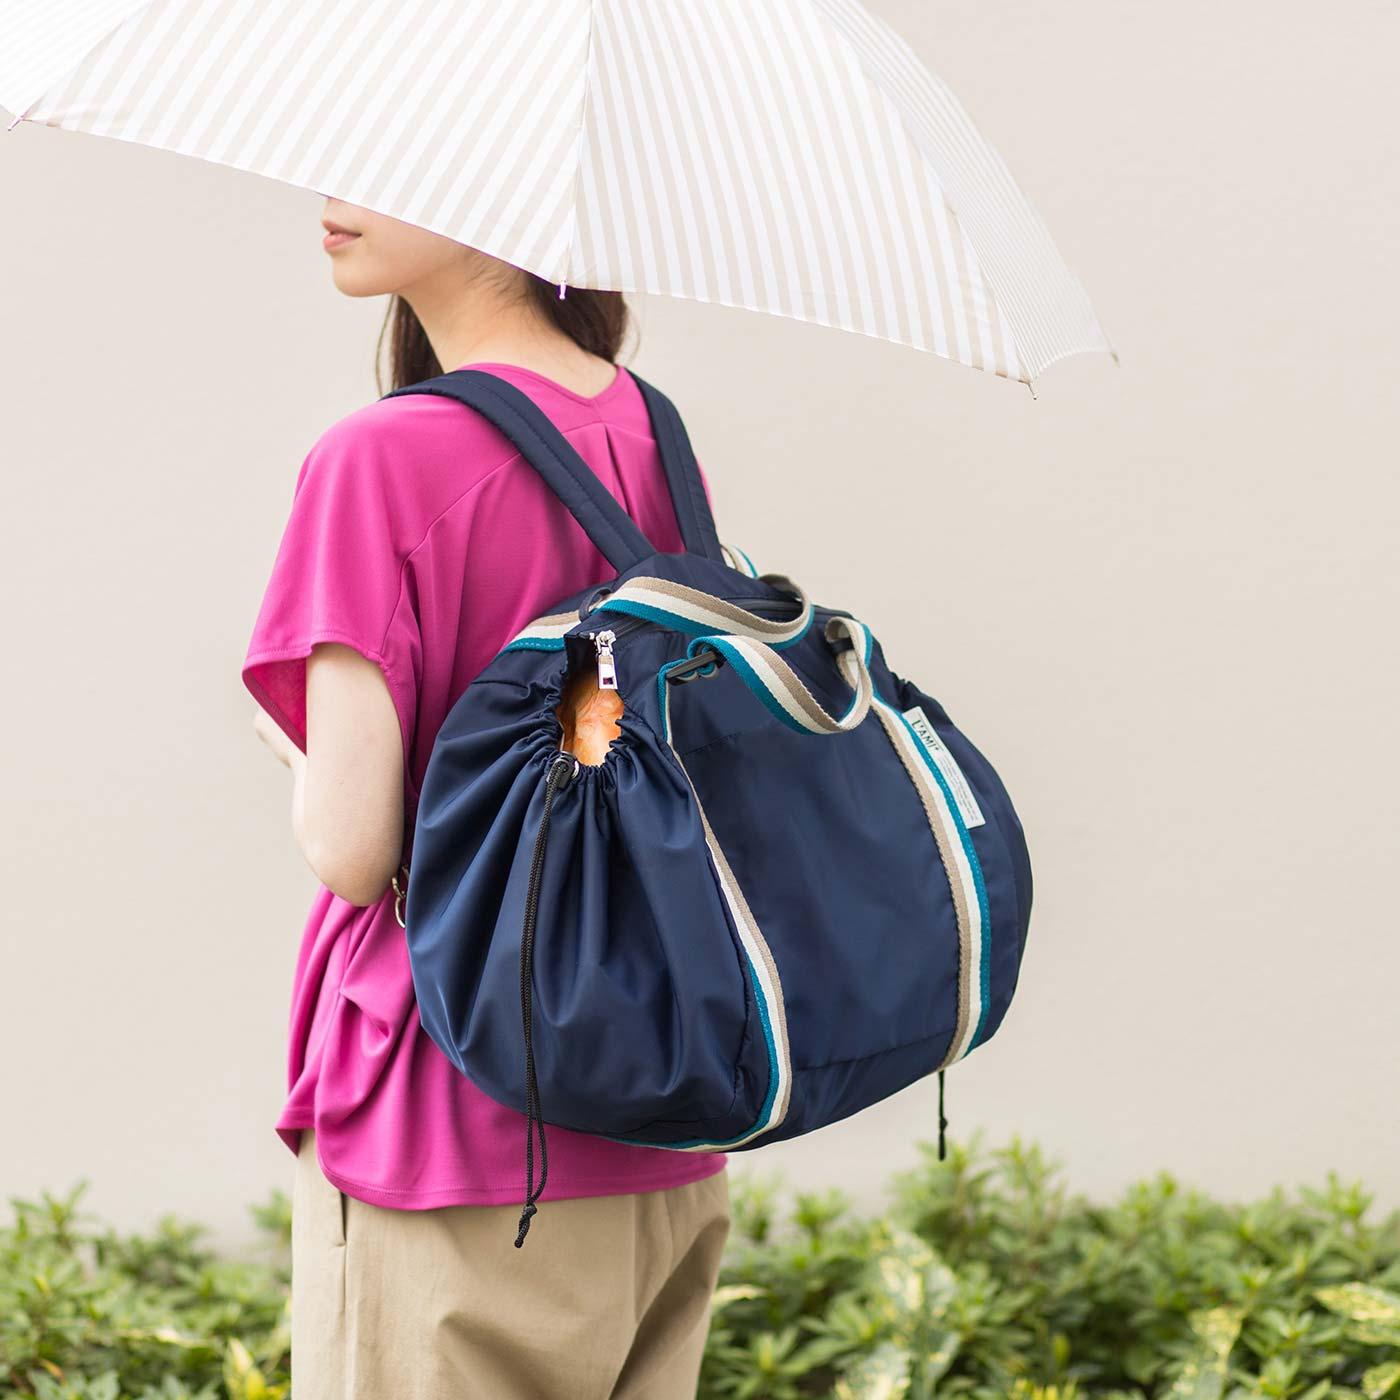 リュックにして背負って。雨の日など、傘からリュックがはみだしていても撥水生地だからぬれても大丈夫。